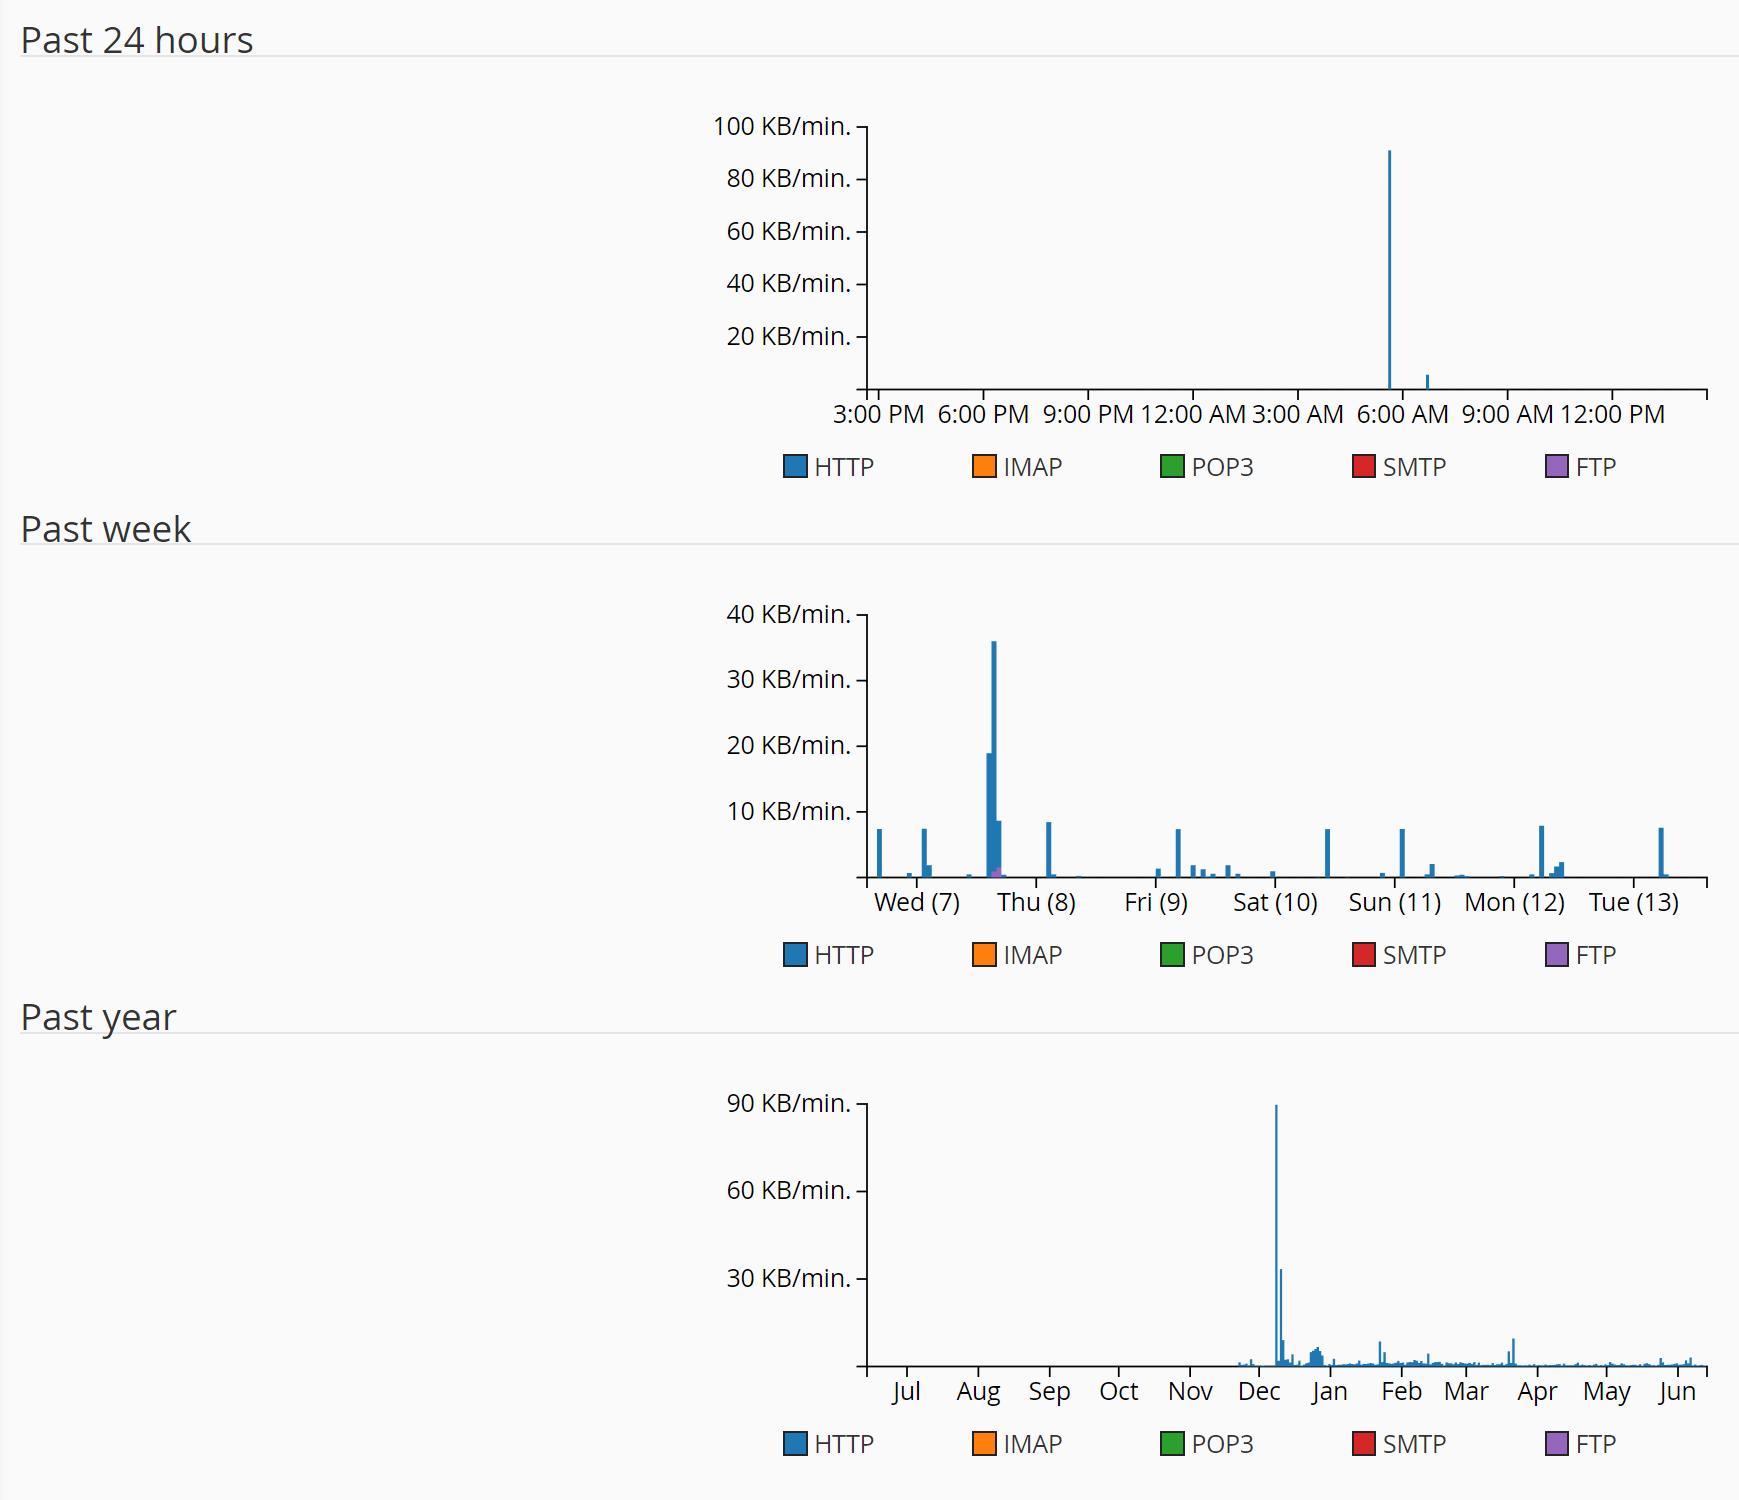 Riepilogo dell'utilizzo della larghezza di banda in cPanel